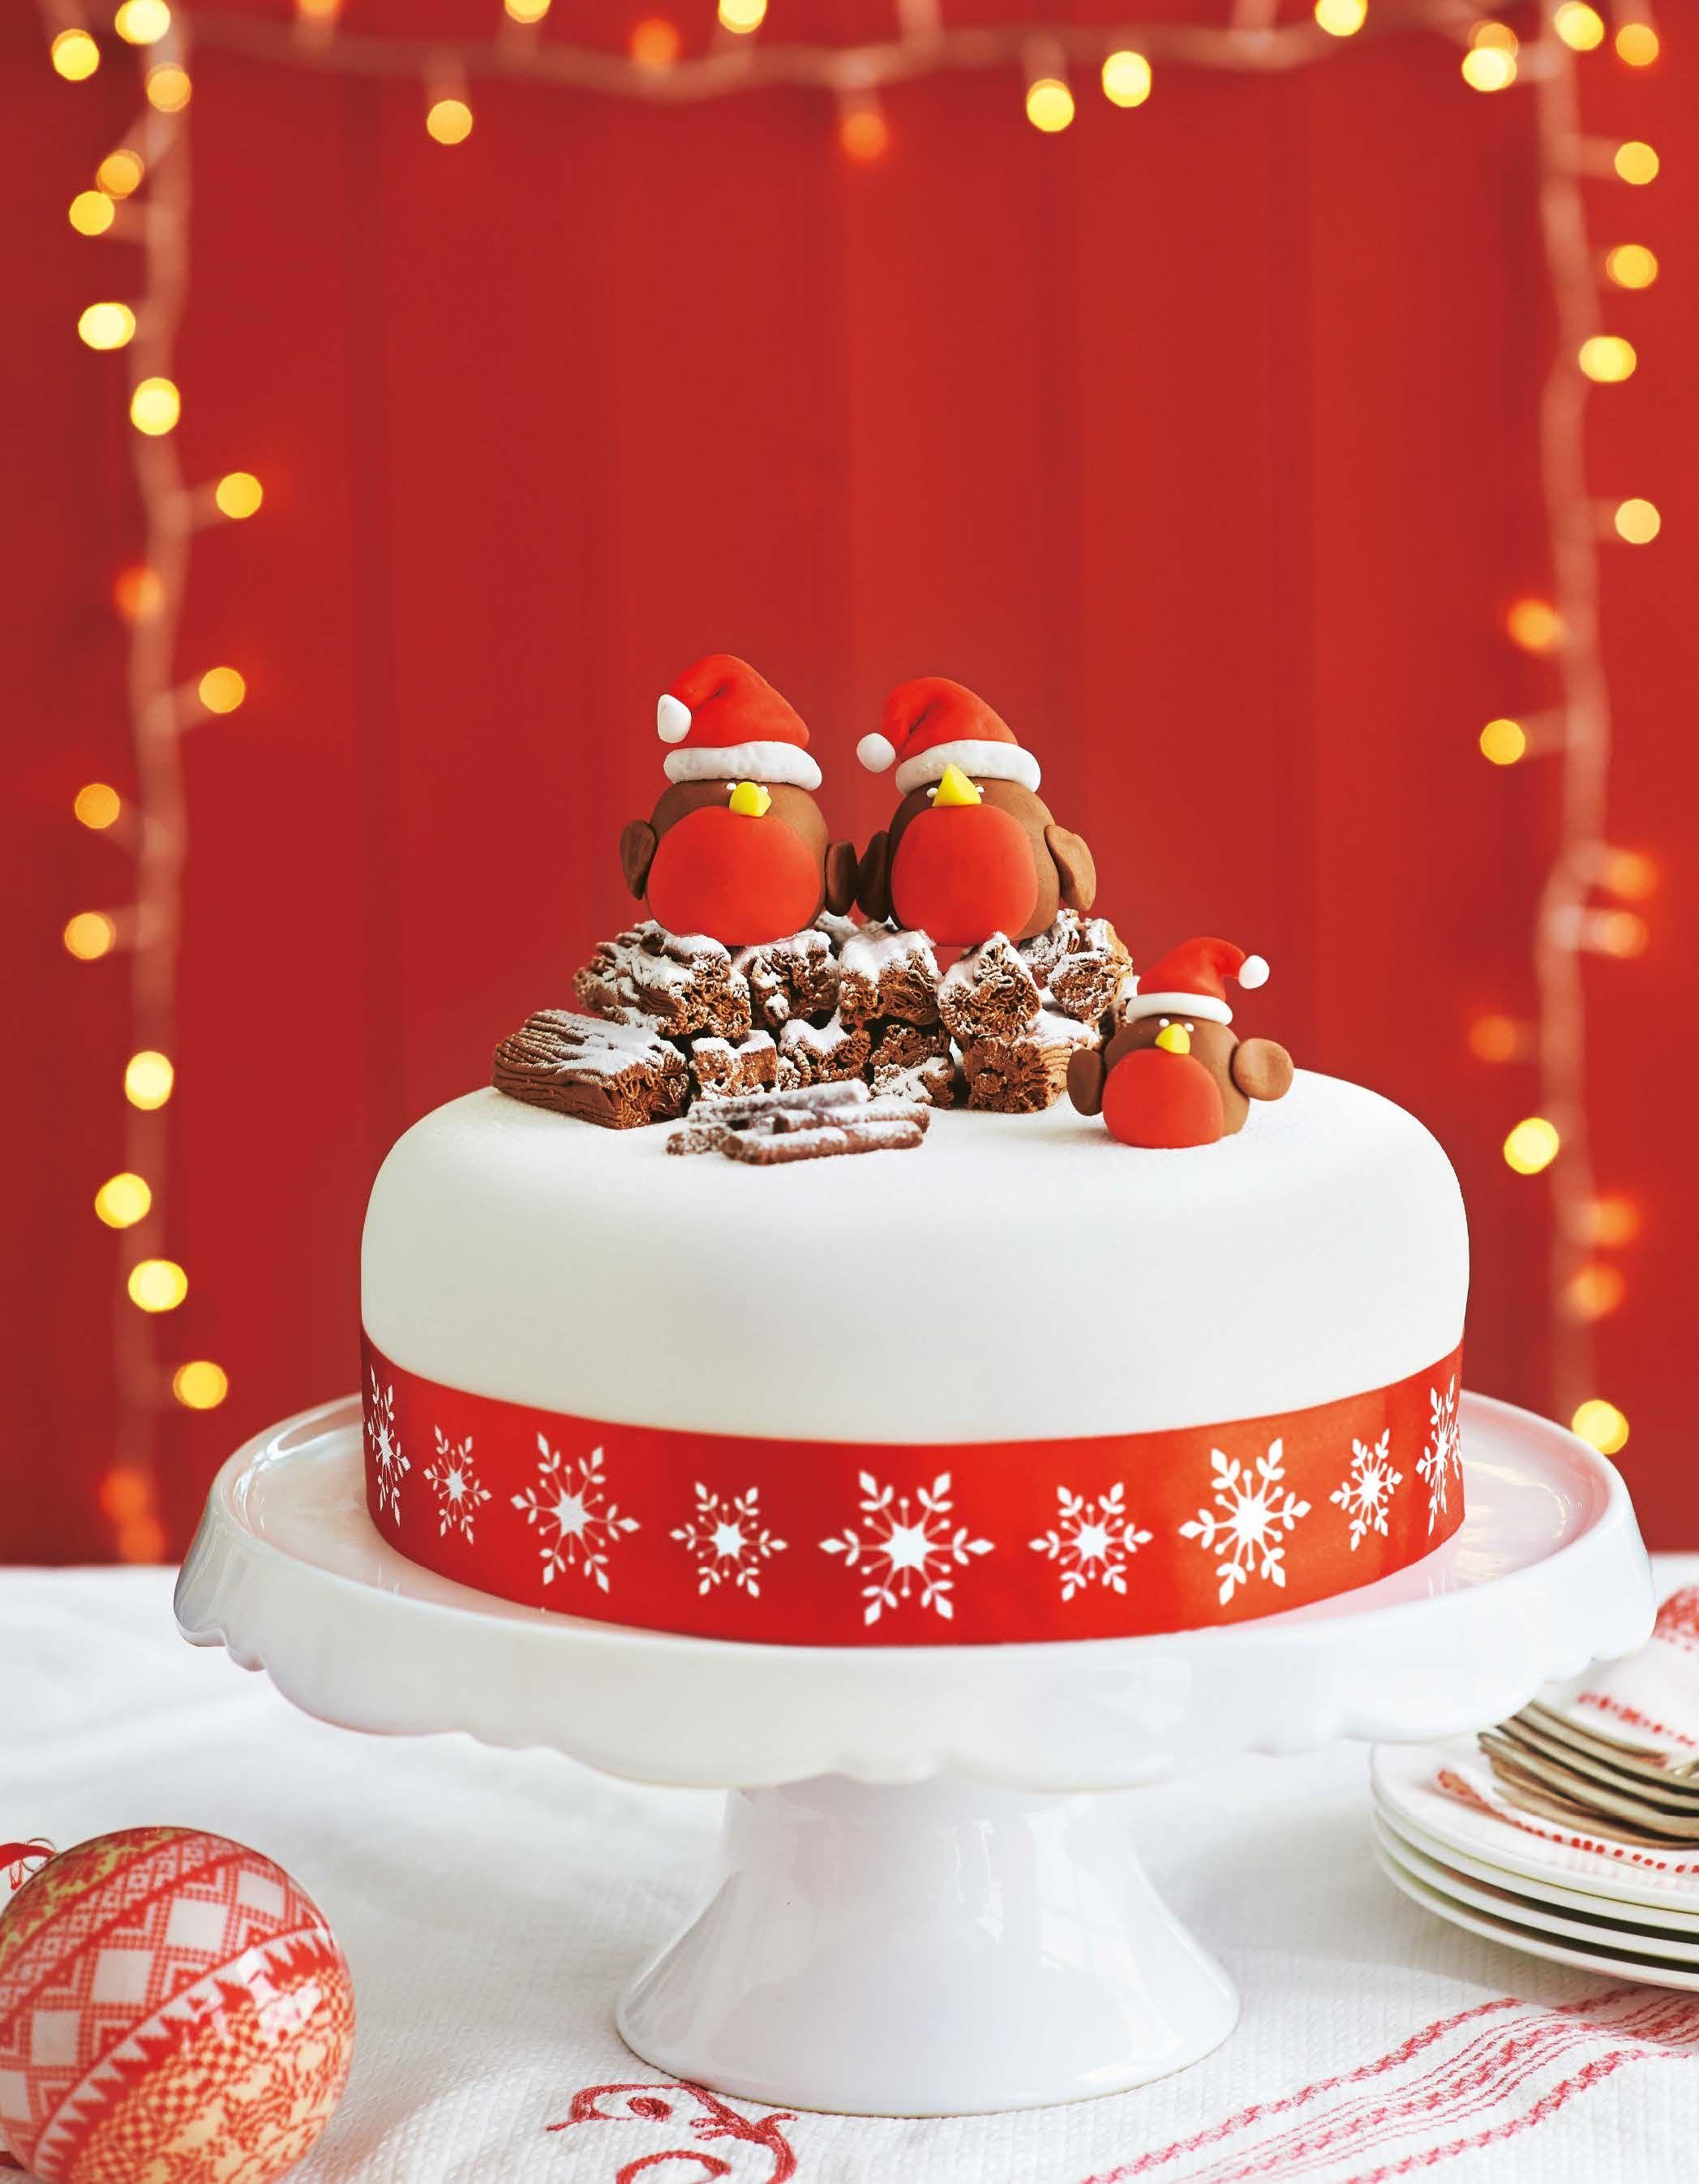 Asda Photo Cake Decorations : Asda Magazine - December 2013 Robins, Cake and Xmas